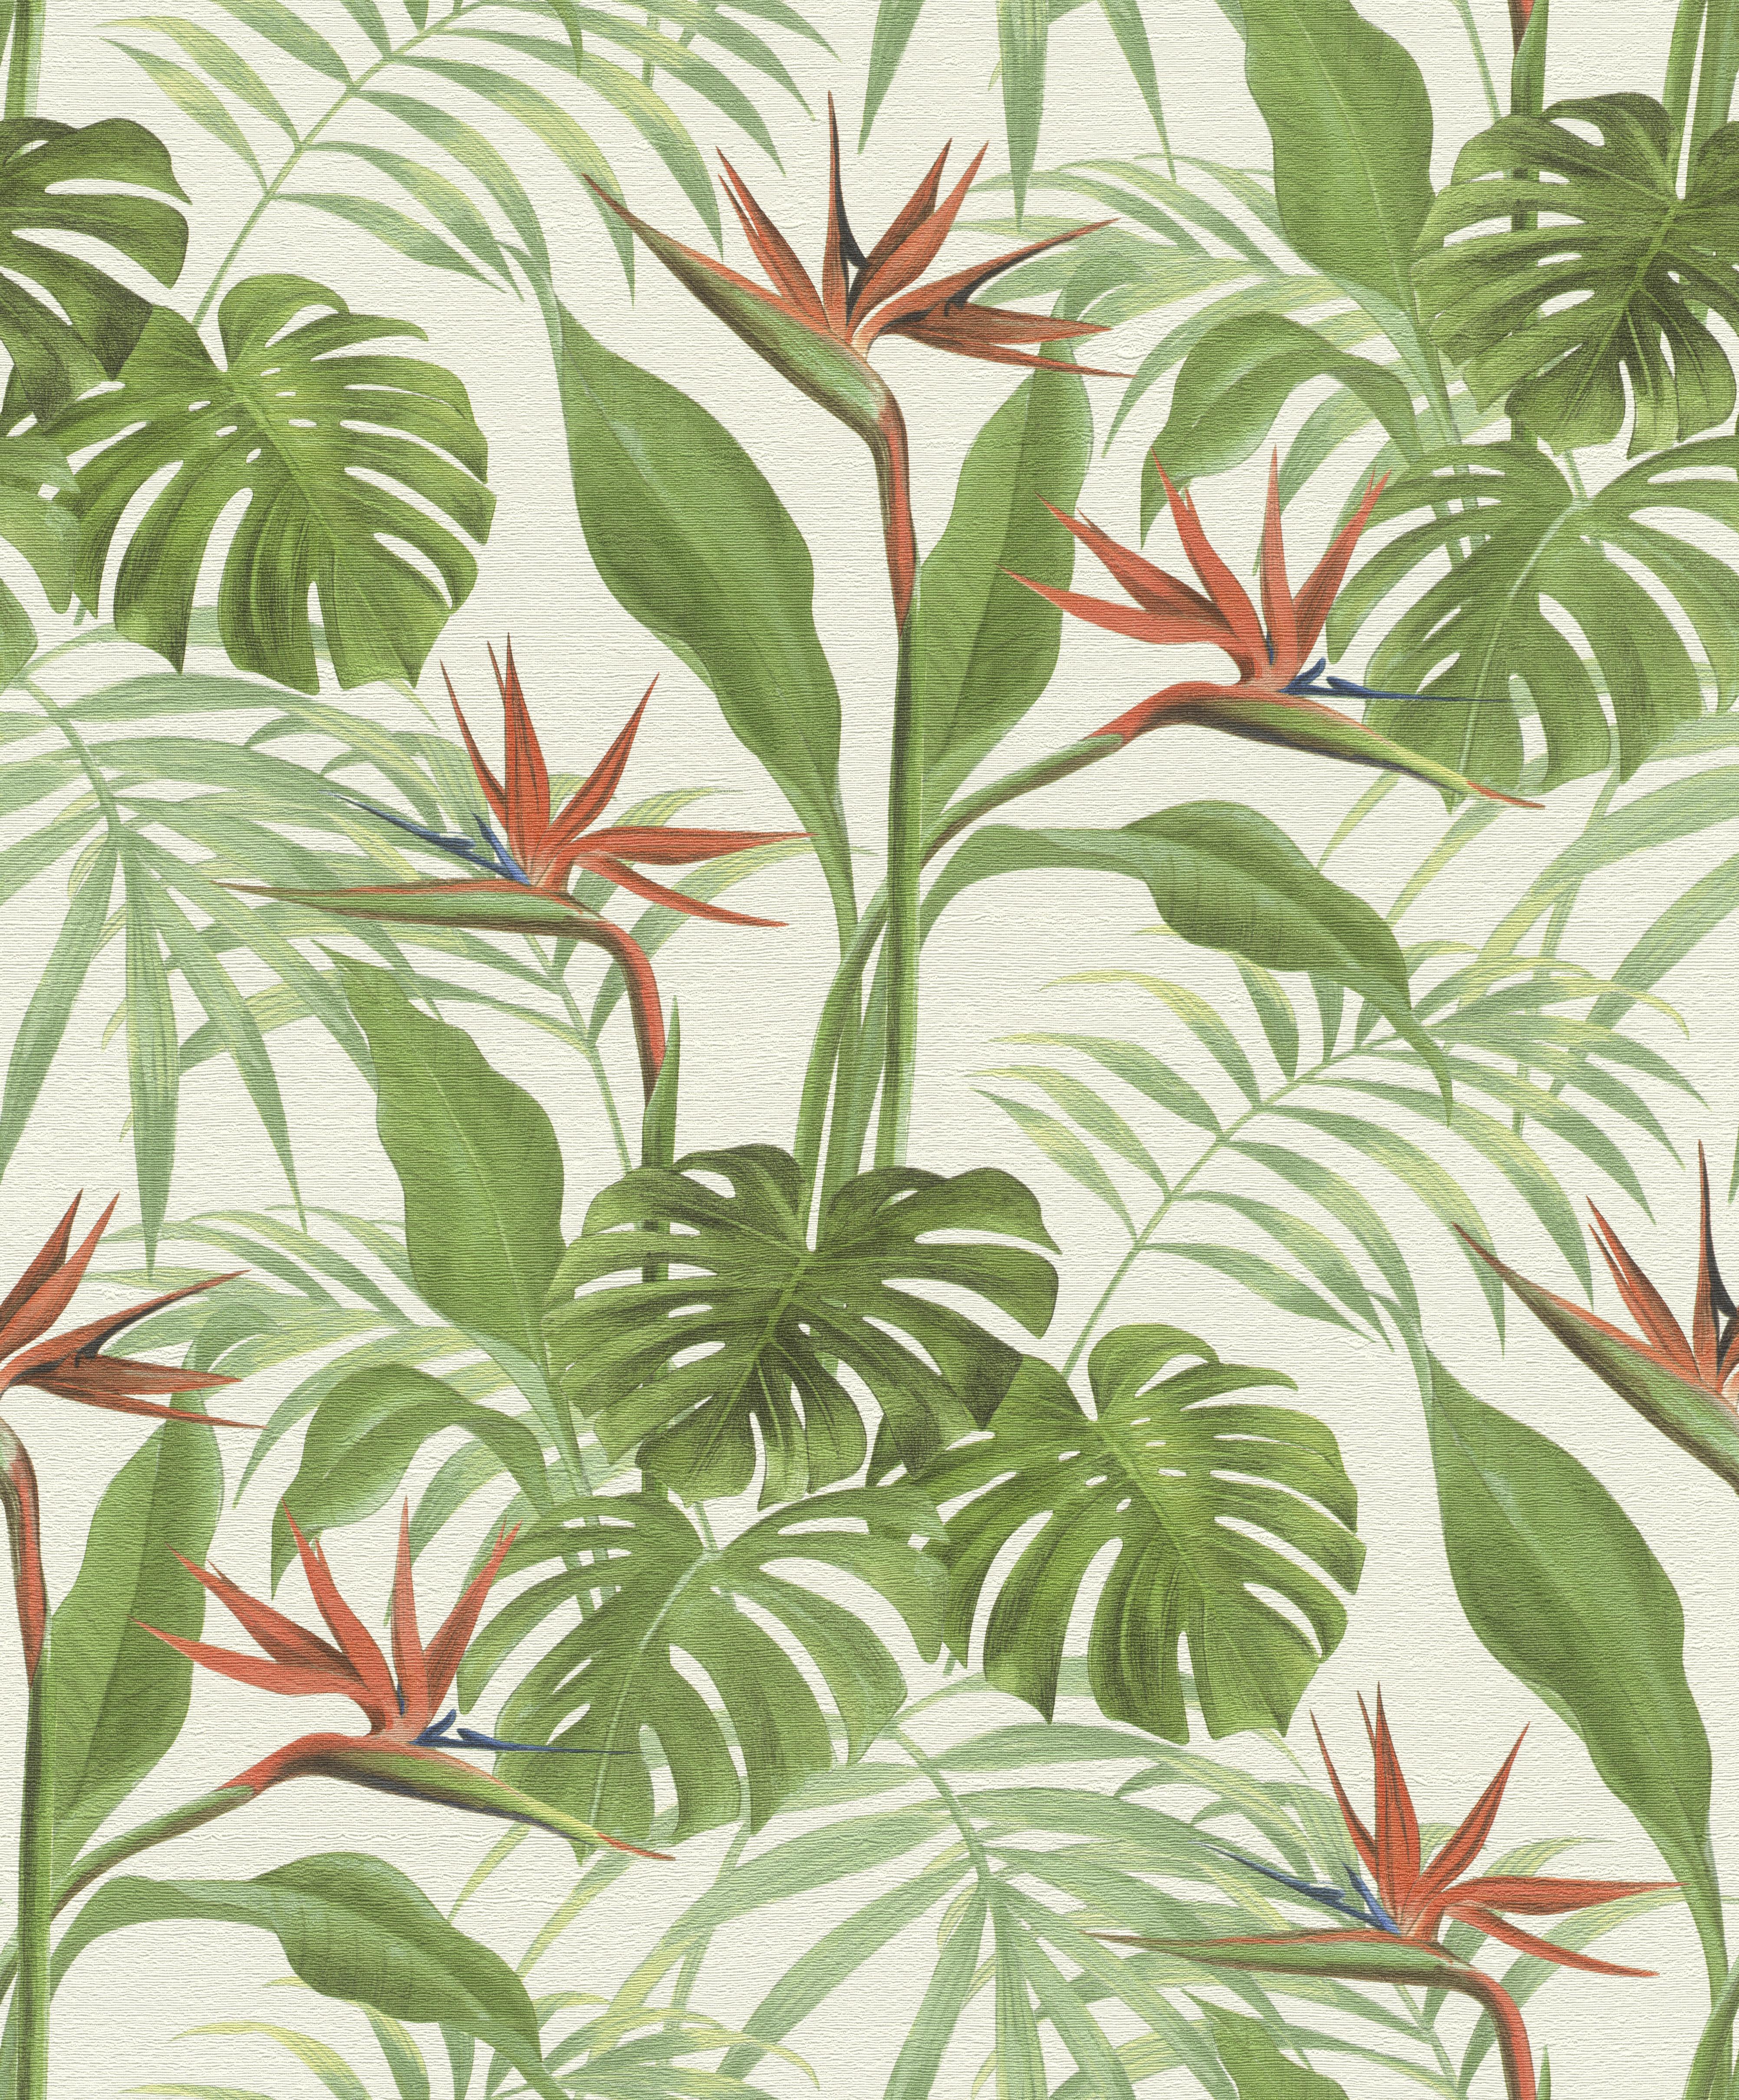 Zöld dzsungelhatású tapéta